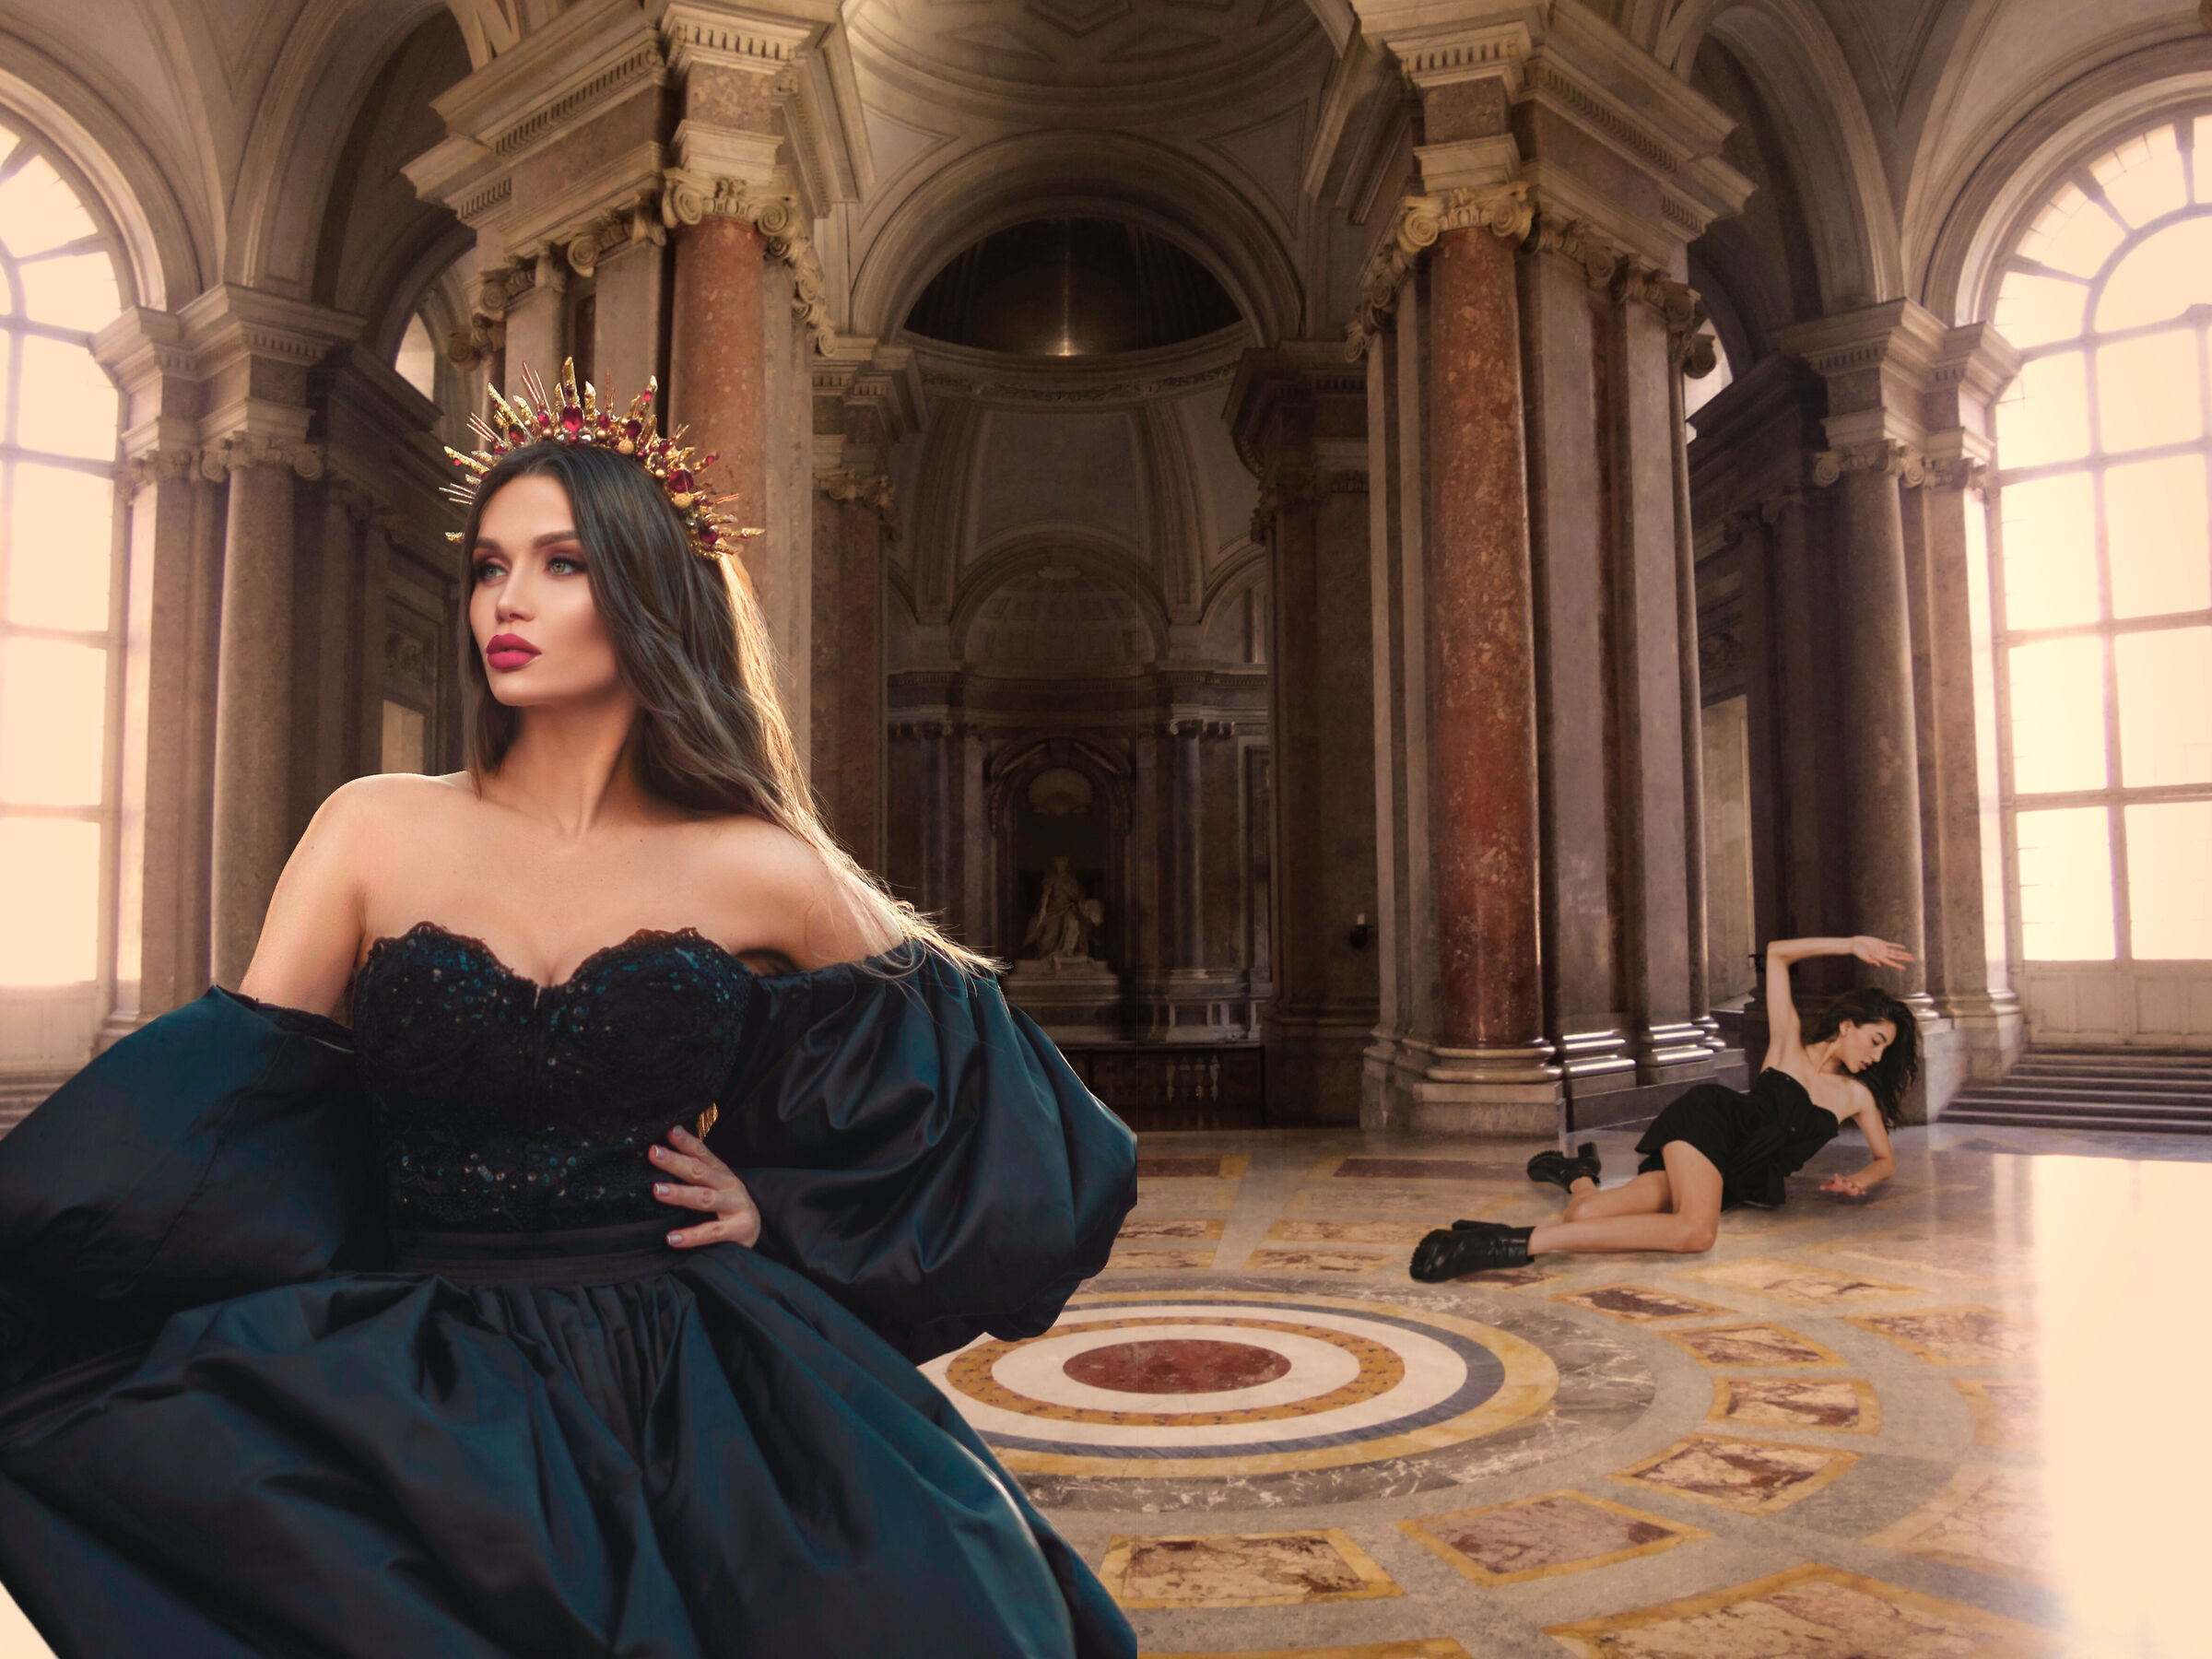 Elegance and vanity...